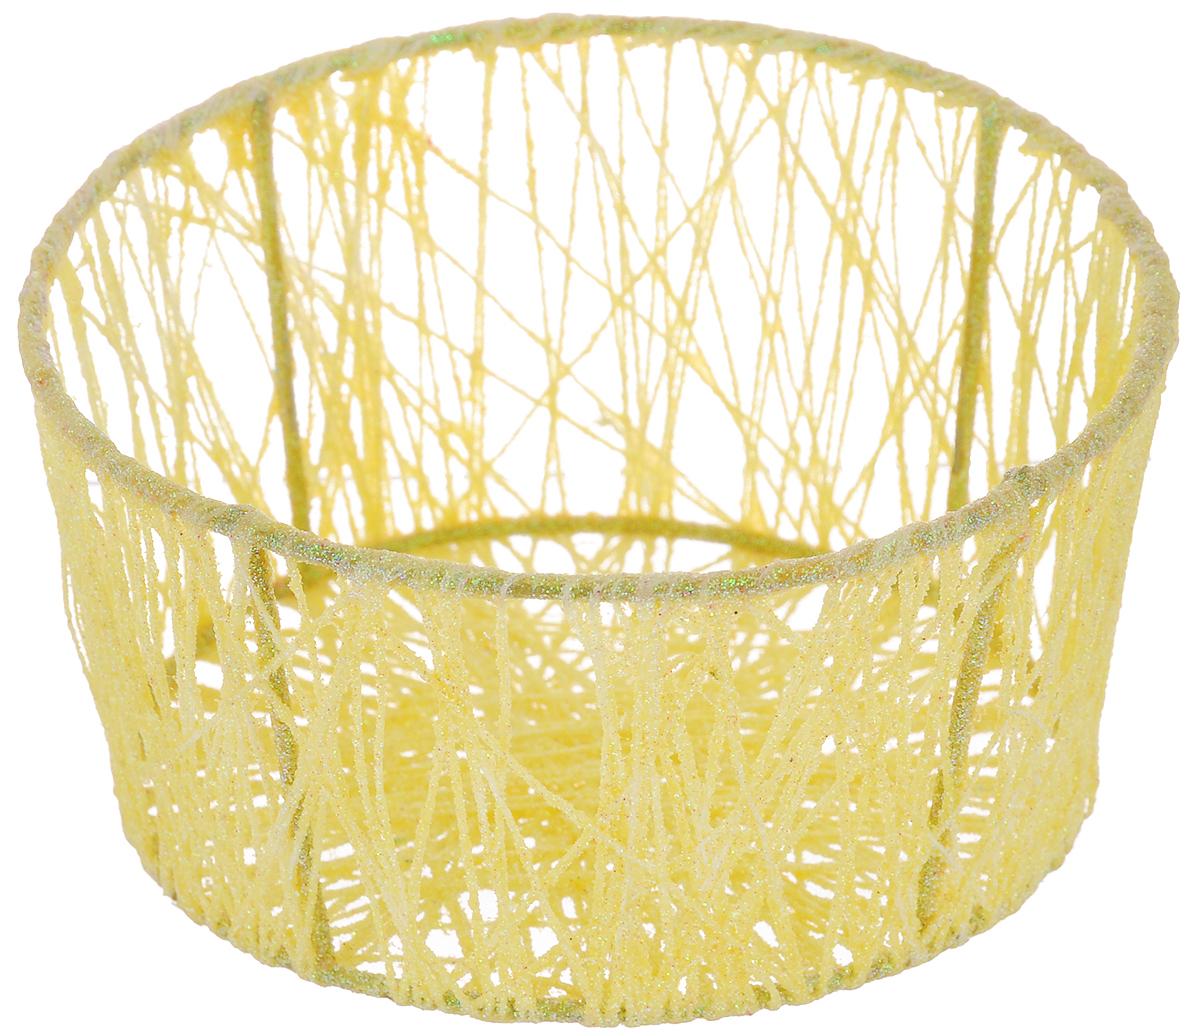 Корзина декоративная Home Queen Паутинка, цвет: желтый, диаметр 14 см66827_3Декоративная корзинка Home Queen Паутинка прекрасно подойдет для хранения пасхальных яиц, а также различных мелочей. Корзинка имеет металлический каркас, обтянутый нитями из полиэстера. Блестки придают изделию особый праздничный вид. Такая корзинка украсит интерьер дома к Пасхе, внесет частичку тепла и веселья в ваш дом.